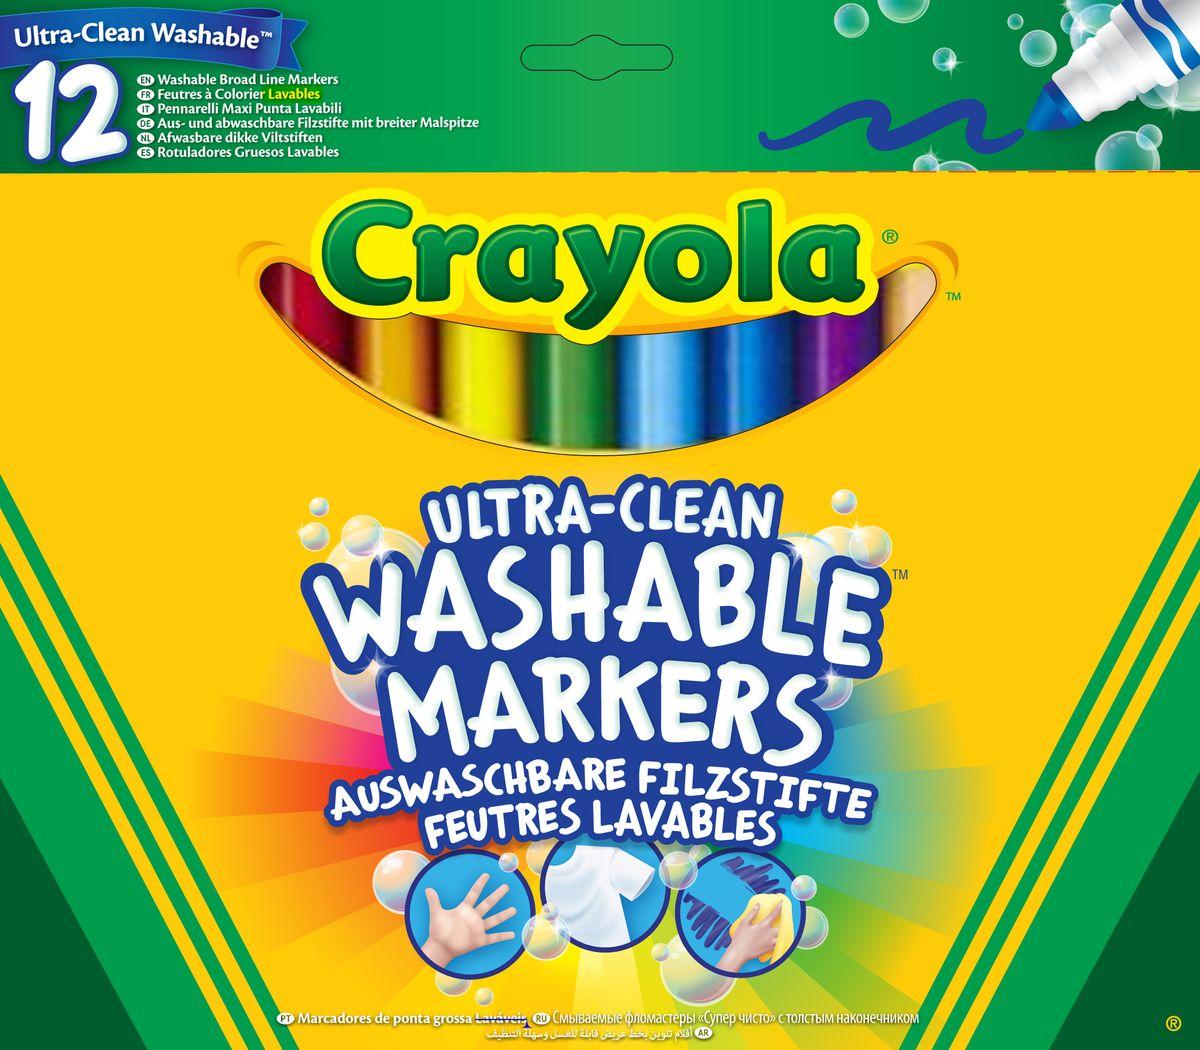 Crayola Набор фломастеров Супер чисто 12 шт2010440Дети так любят рисовать! Поэтому набор фломастеров Crayola Супер чисто обязательно понравится юным художникам. 12 цветов позволят широко развернуться в творческом полете, ведь чем больше ярких красок, тем красивее будет готовая картинка!Это необыкновенные фломастеры. Их главное достоинство и особенность в том, что они легко смываются с «холста» с помощью воды. Поэтому если вдруг ребенок захочет разукрасить стену или обои, не ругайтесь на маленькое дарование. Фломастеры сделаны из материалов, прошедших строгий контроль качества, поэтому они безопасны для будущего Пикассо. Насыщенные, роскошные цвета восхитят малыша, а мягкая линия нанесения позволит рисовать без проблем.Создавая живописные шедевры, малыш будет и наслаждаться своим хобби, и развиваться. Ведь рисование тренирует мелкую моторику, воображение, фантазию, а также творческие навыки. Crayola созданы для настоящих творцов! Рекомендуемый возраст: от 3 лет.